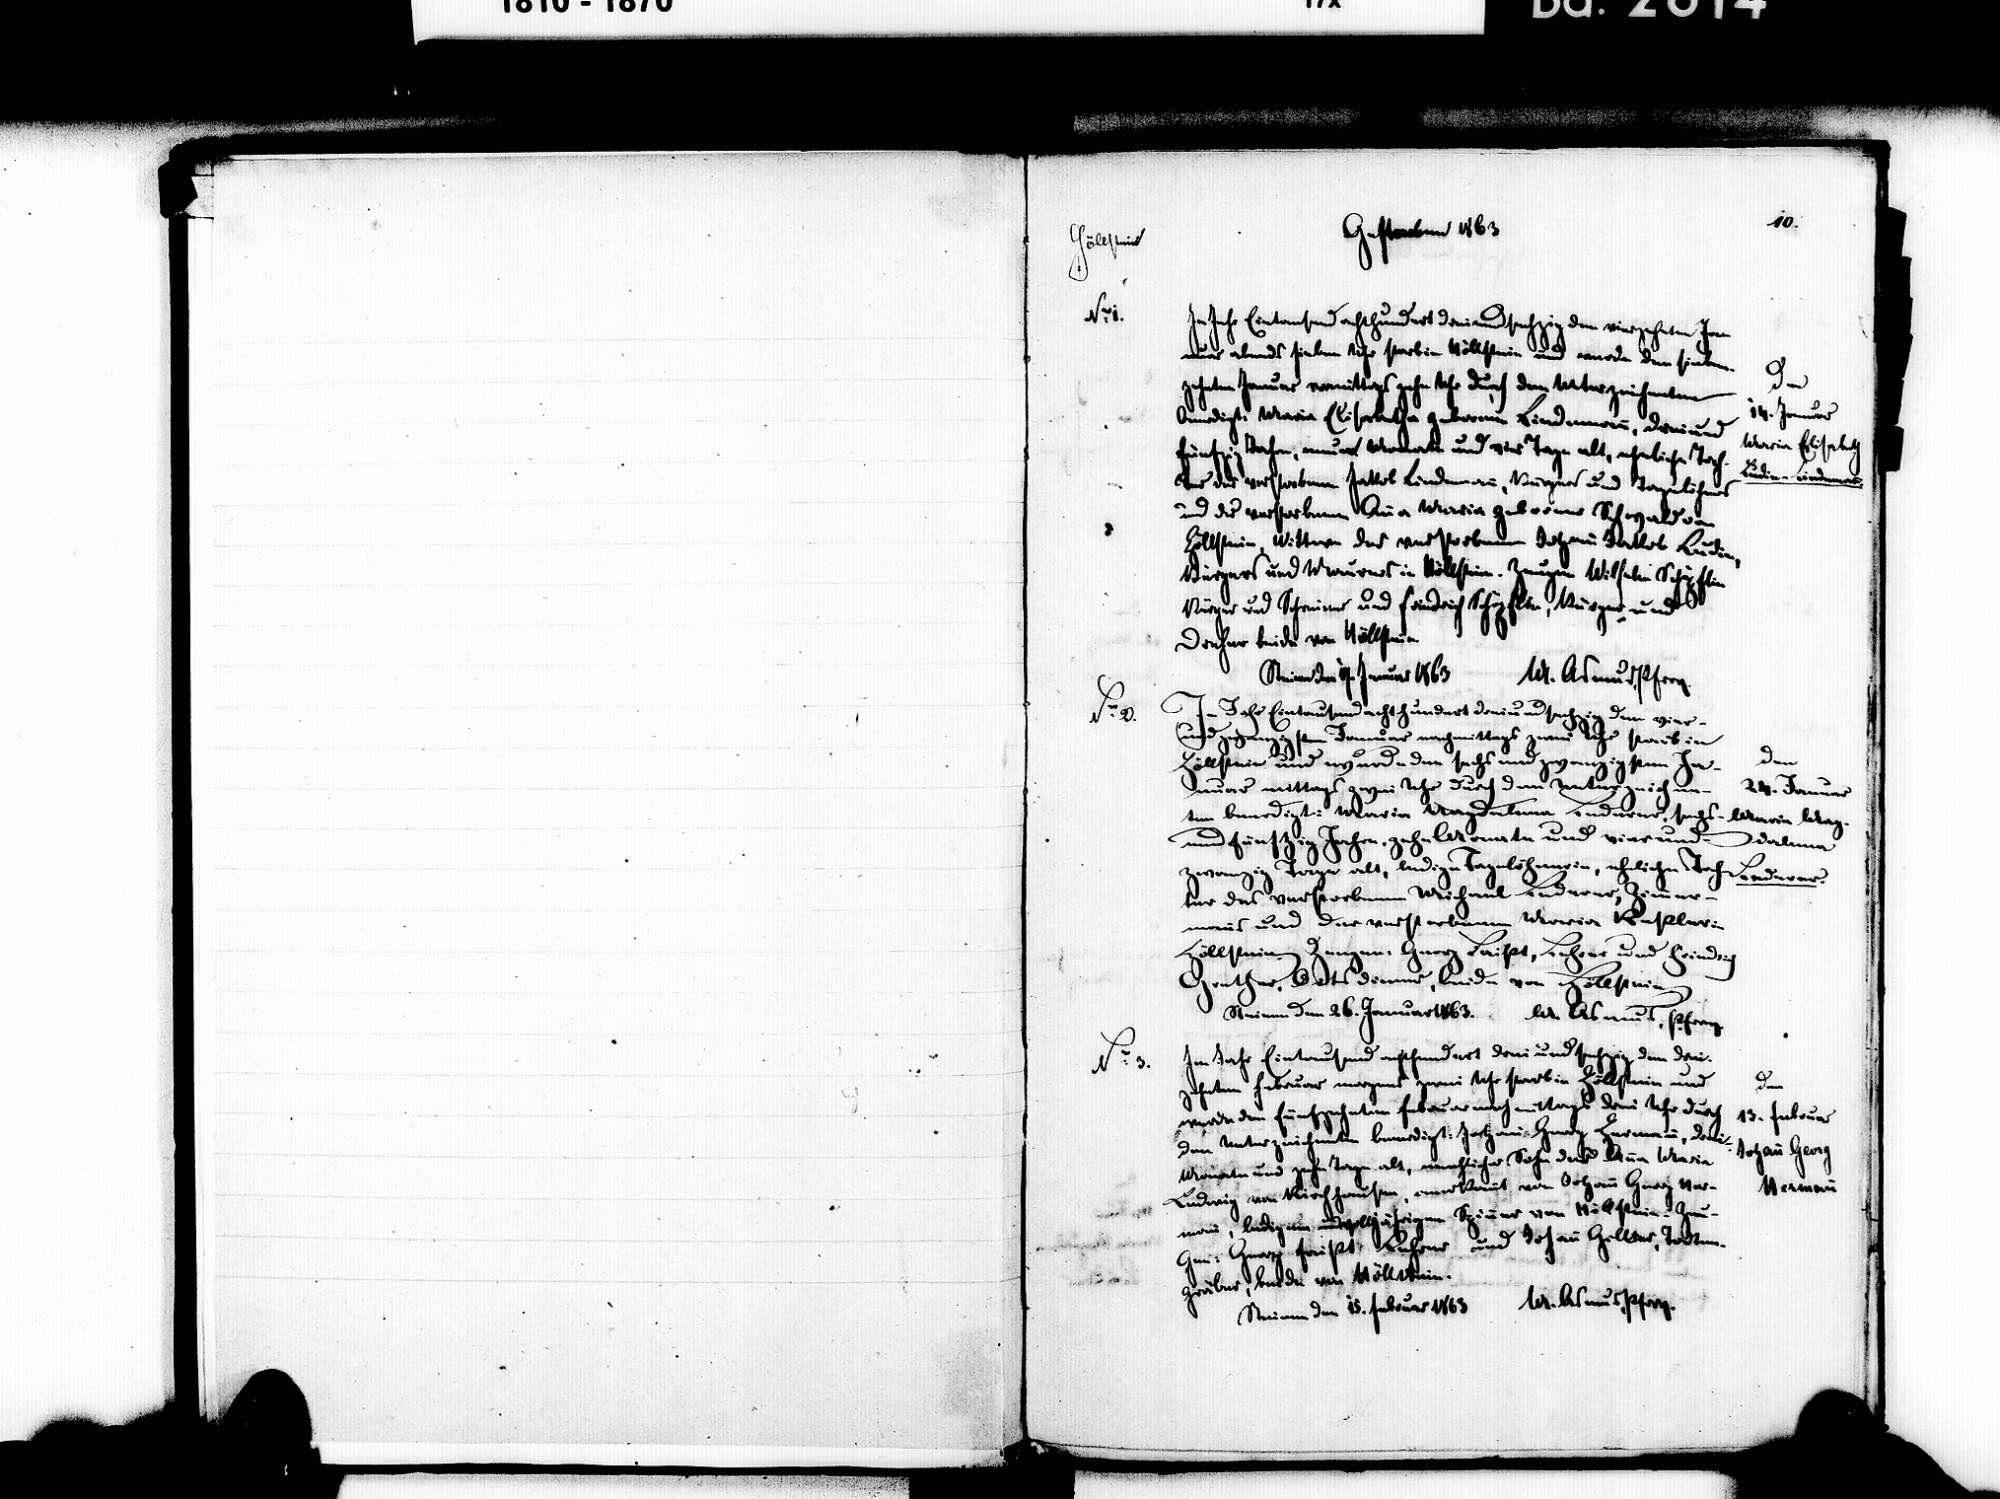 Höllstein, Steinen LÖ; Evangelische Gemeinde: Sterbebuch 1863-1869 Enthält: Einzelne Katholische Einträge, Bild 3